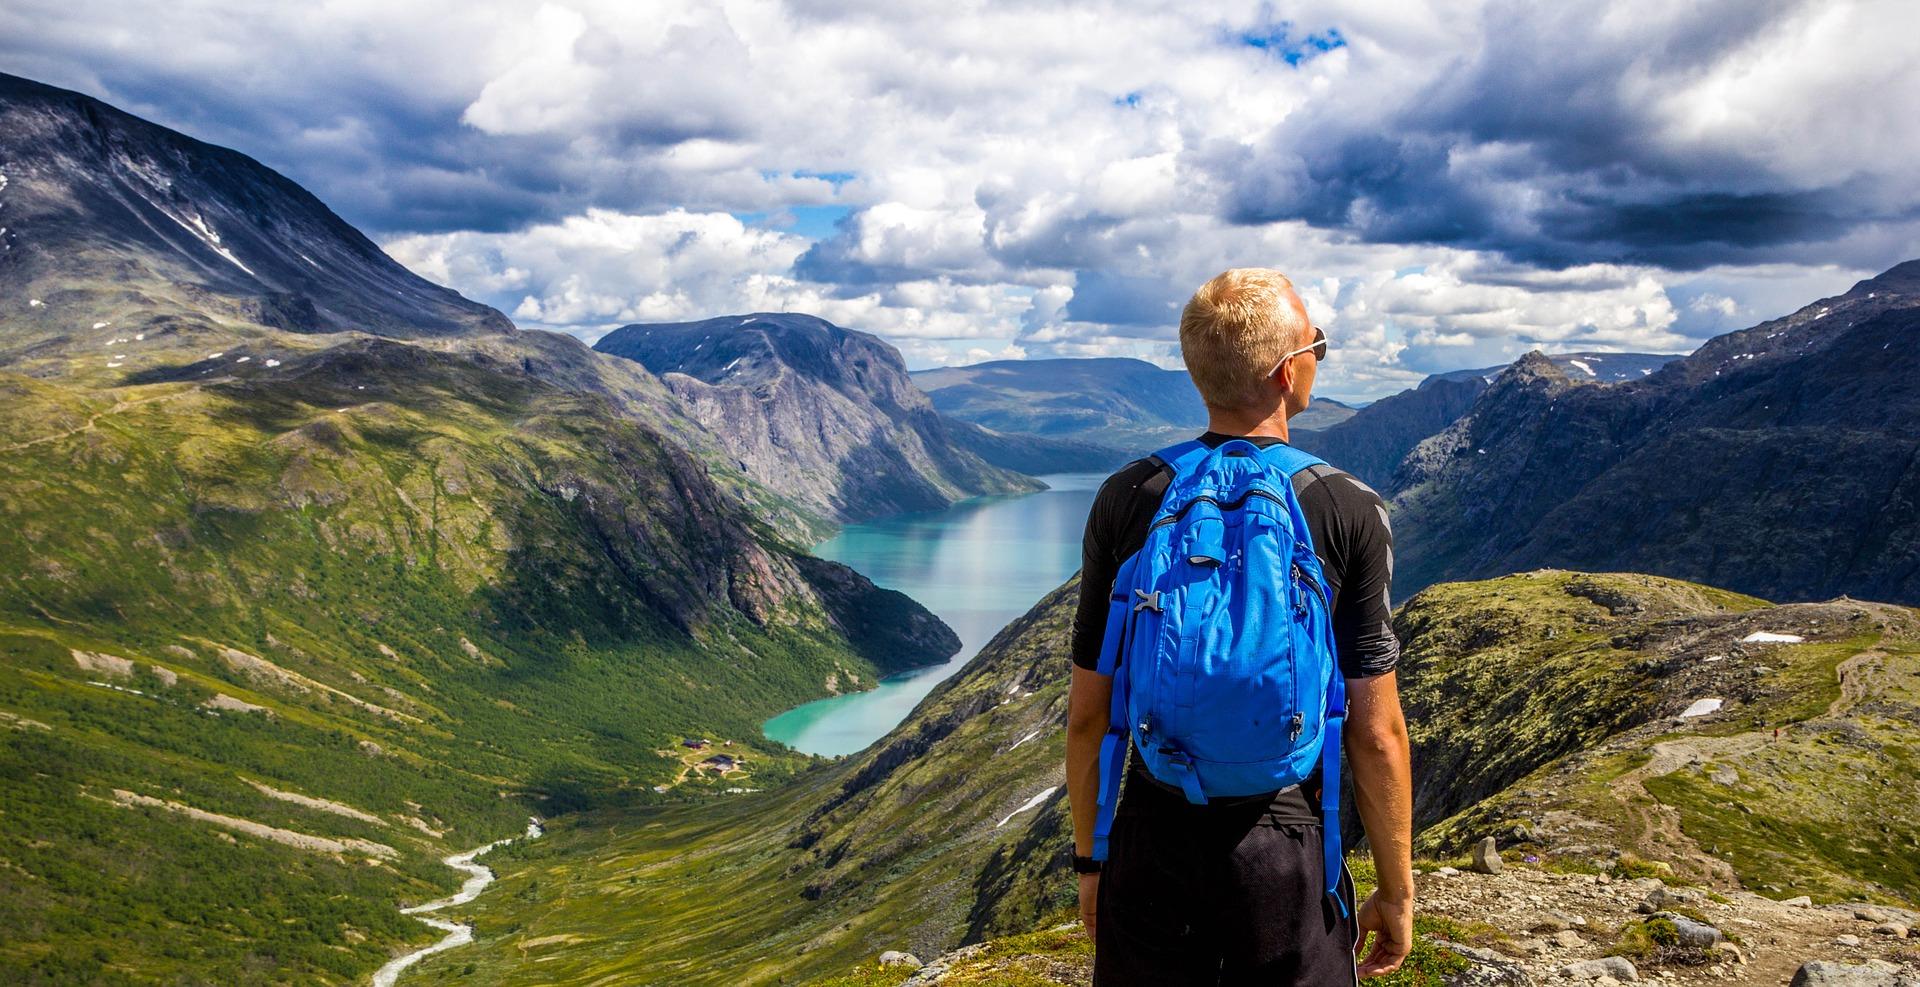 Turismo sostenibile e Percorsi avventura